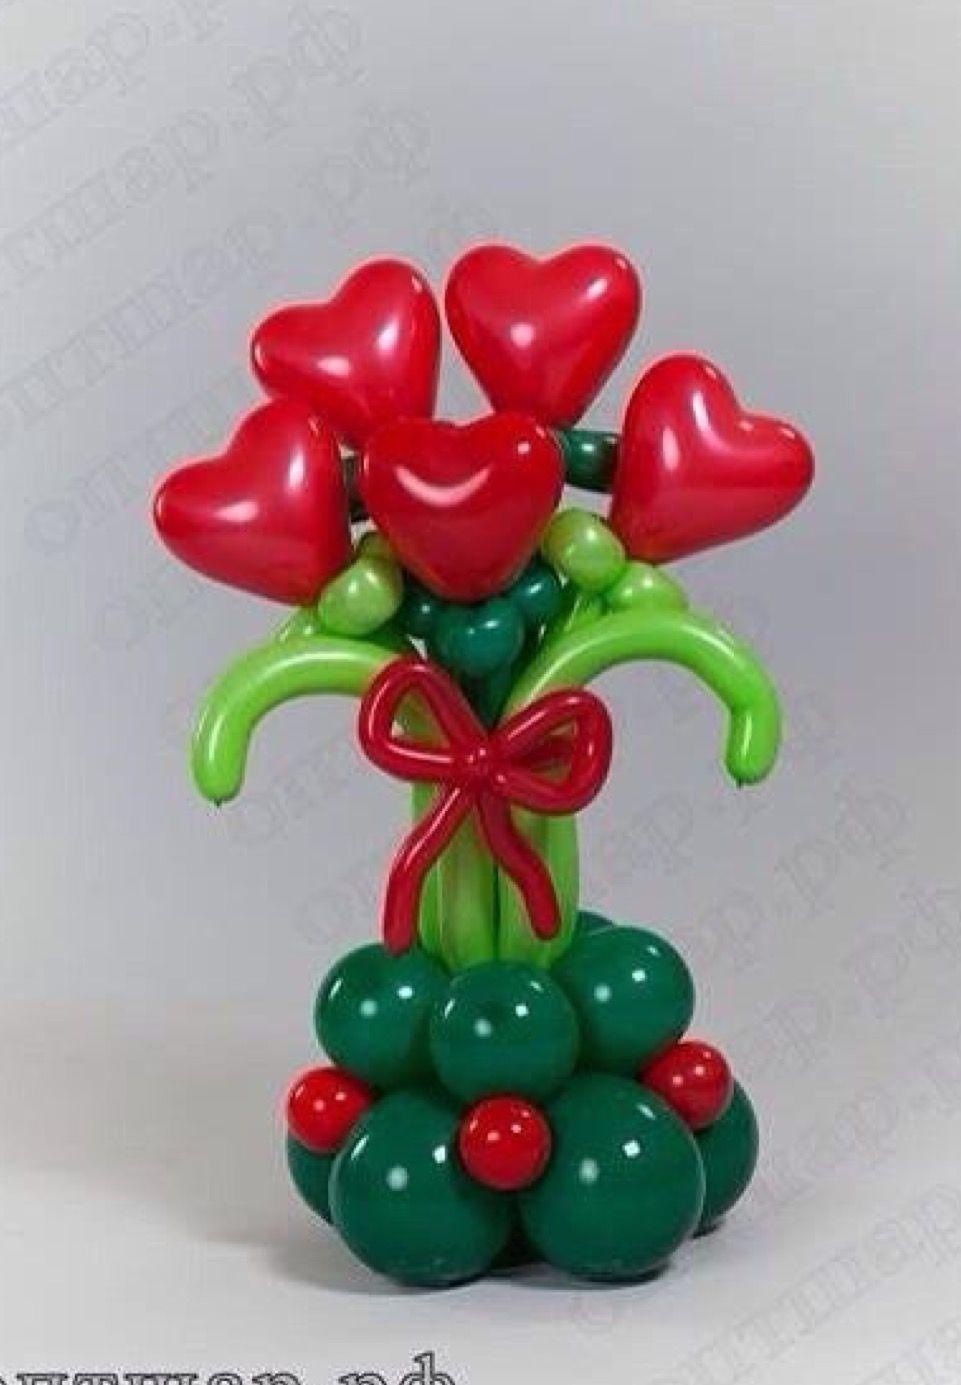 Pin by Hailee\'s Creations on Balloon Creations | Pinterest | Balloon ...